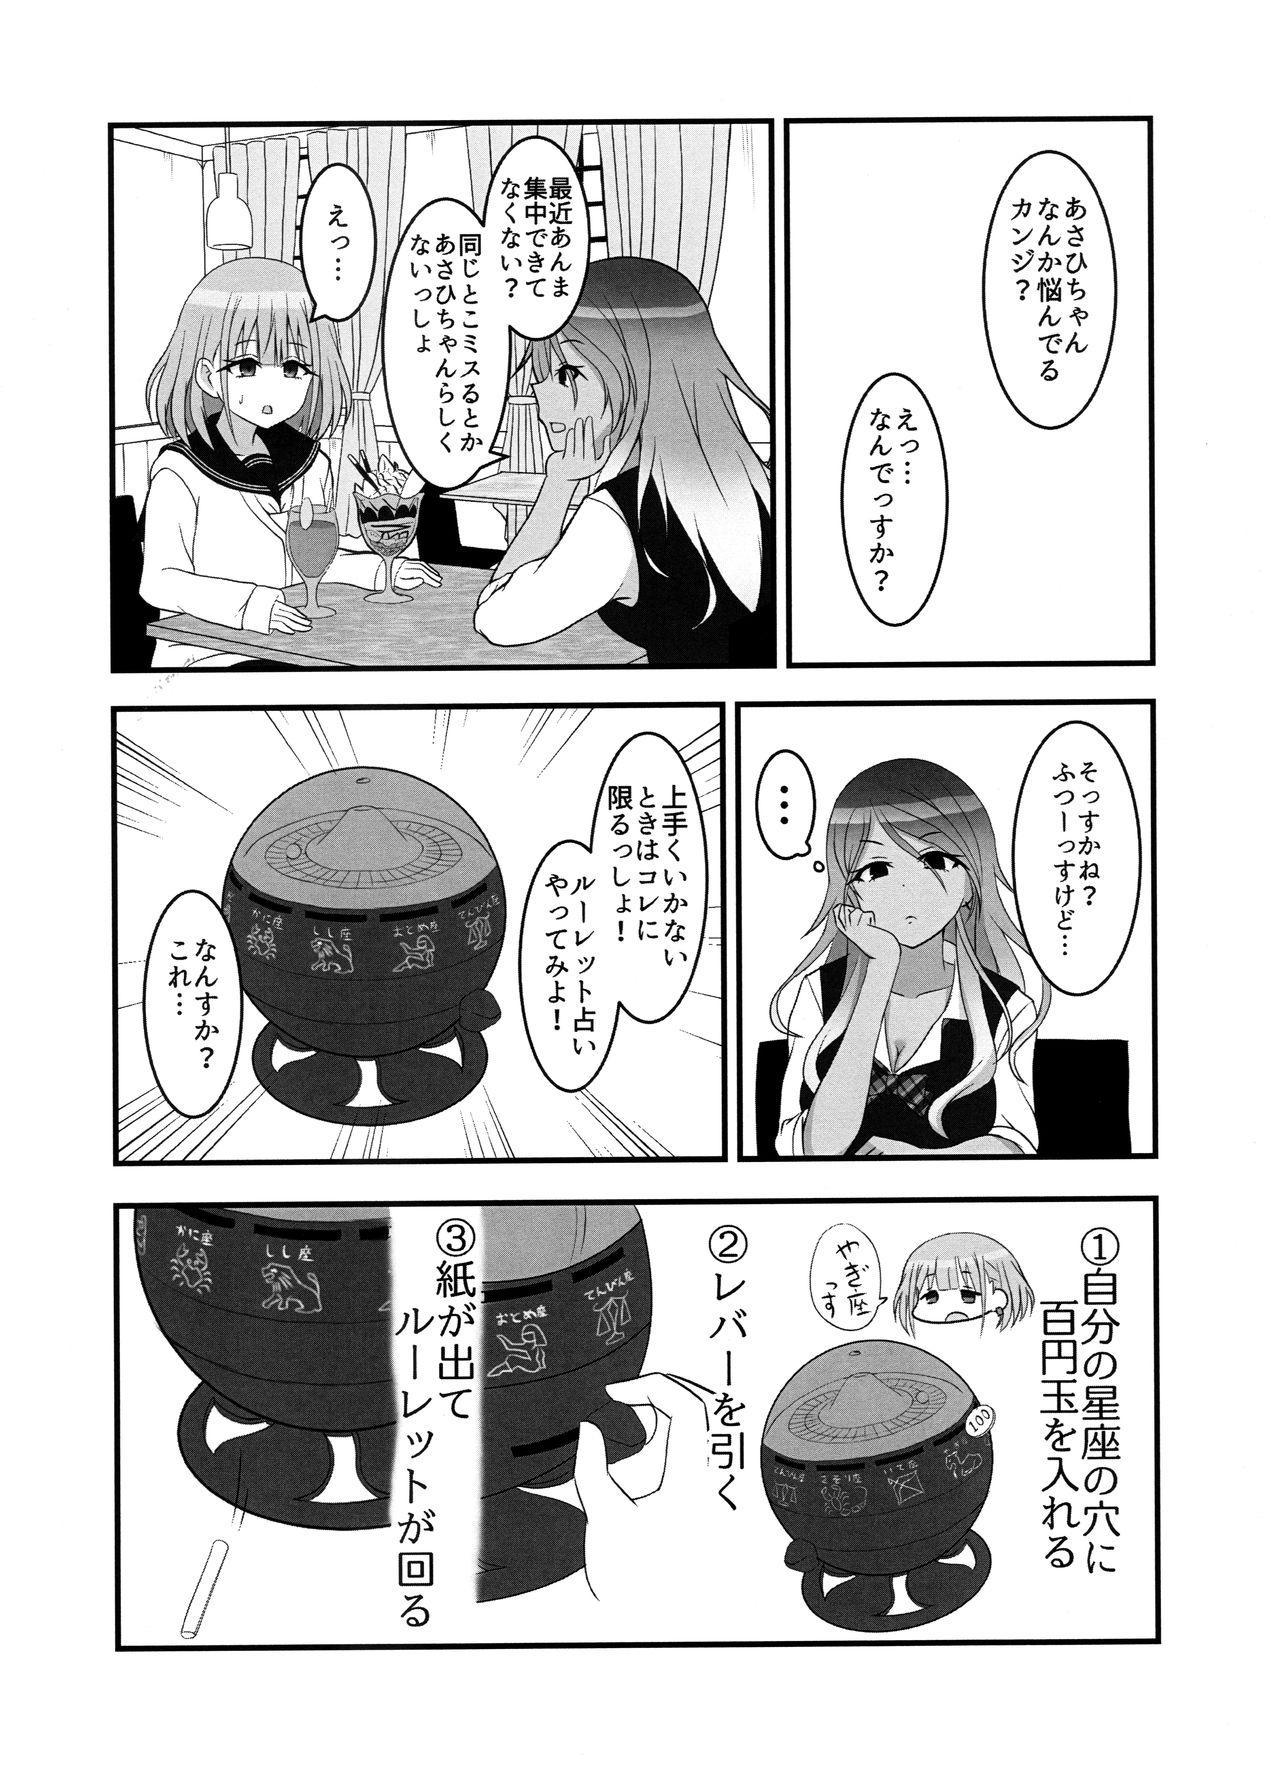 Asahi ga mata noboru 4